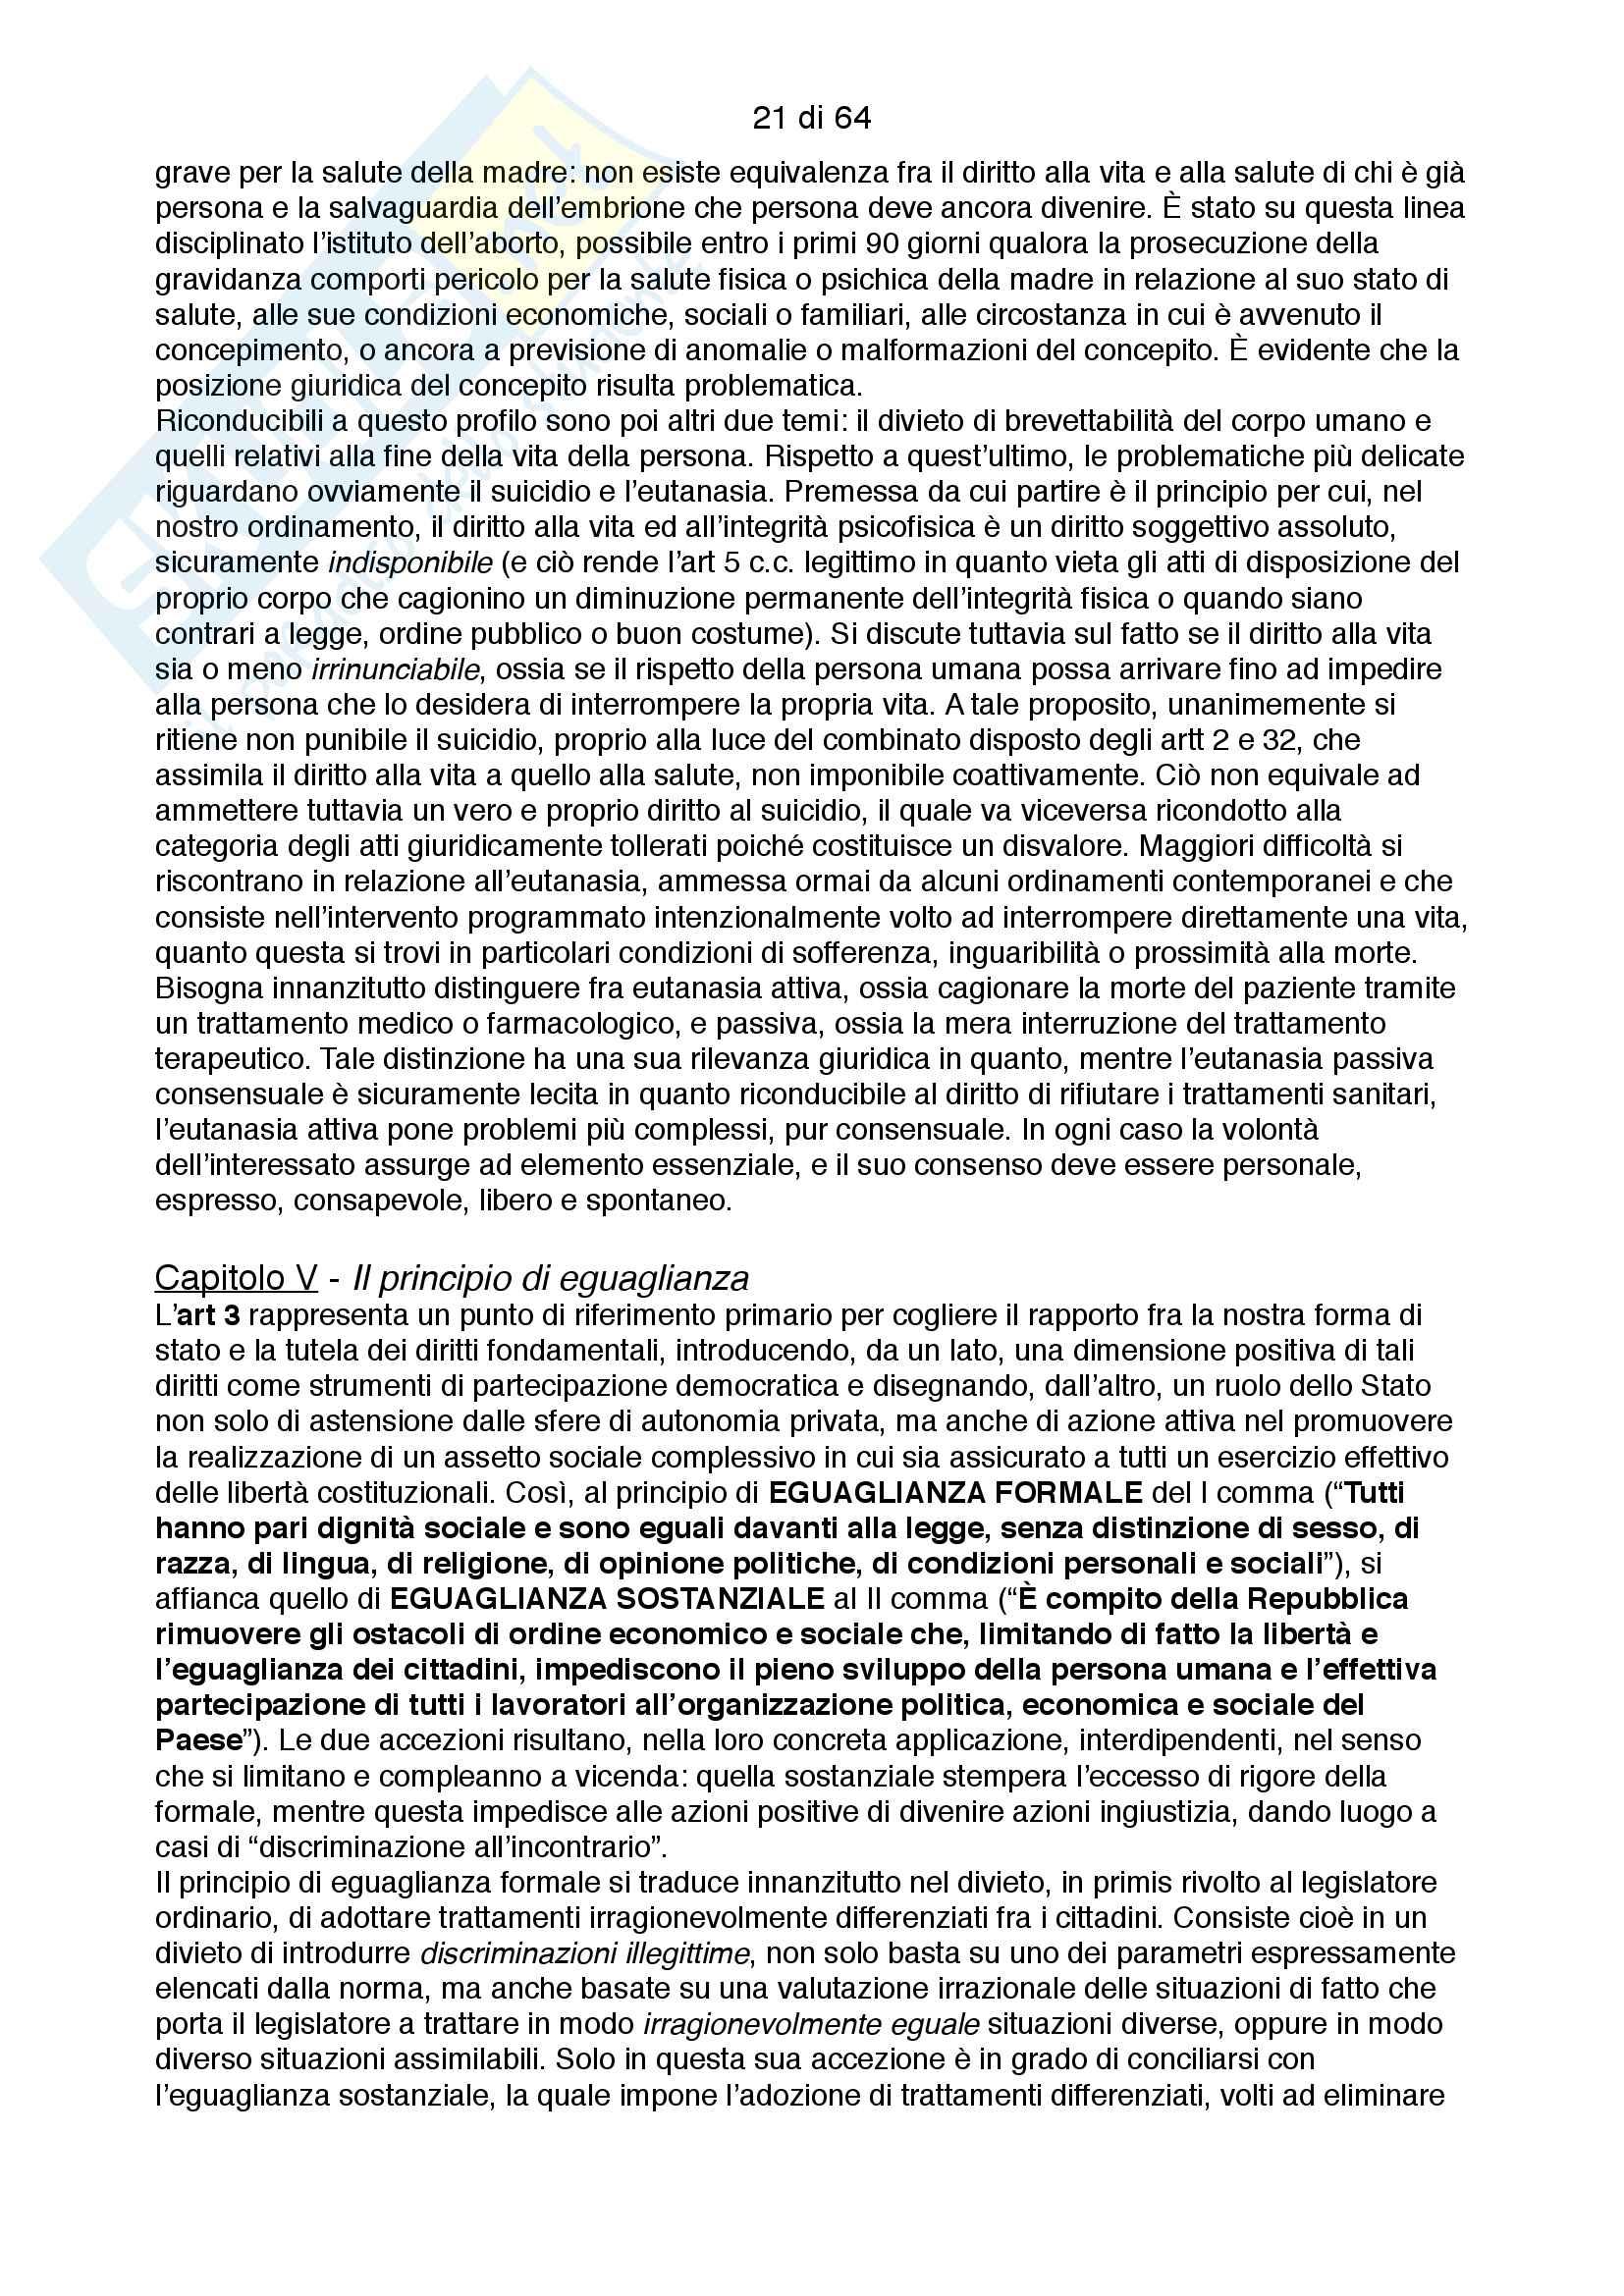 Riassunto esame costituzionale II, testo consigliato I diritti fondamentali, autore Paolo Caretti Pag. 21